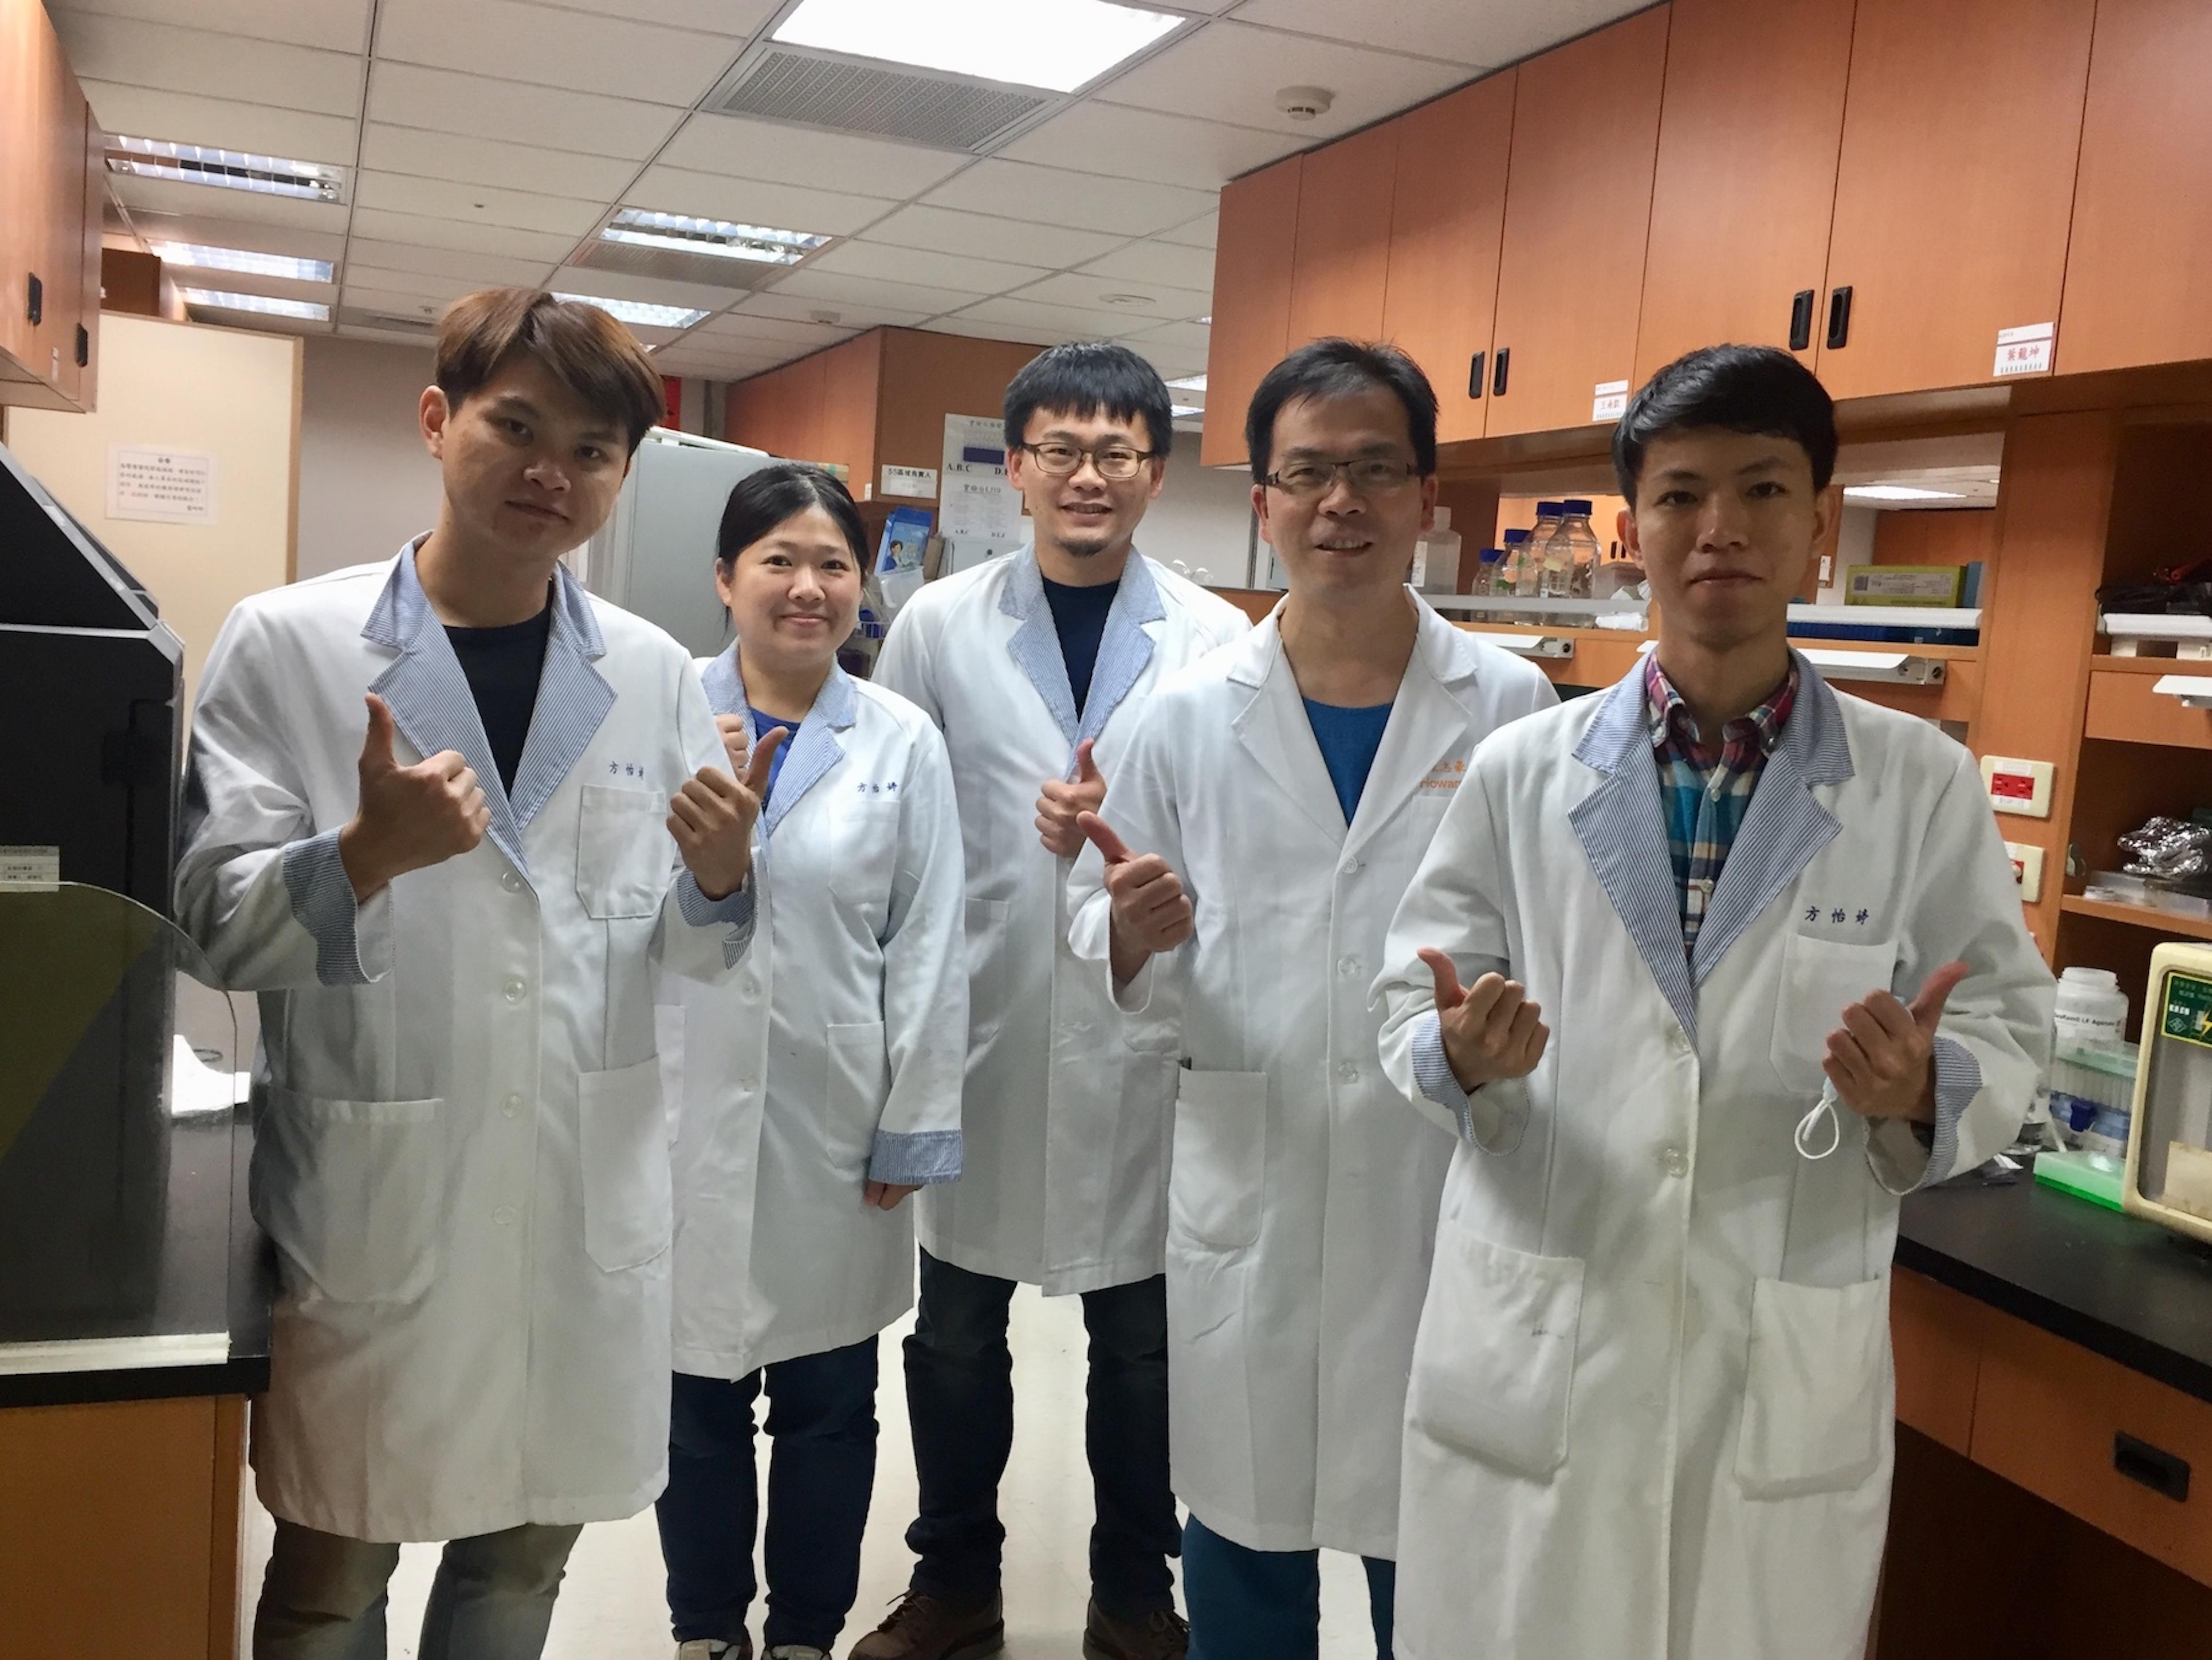 陳志豪教授(右二)與實驗室研究助理團隊於長庚醫院共同實驗室。